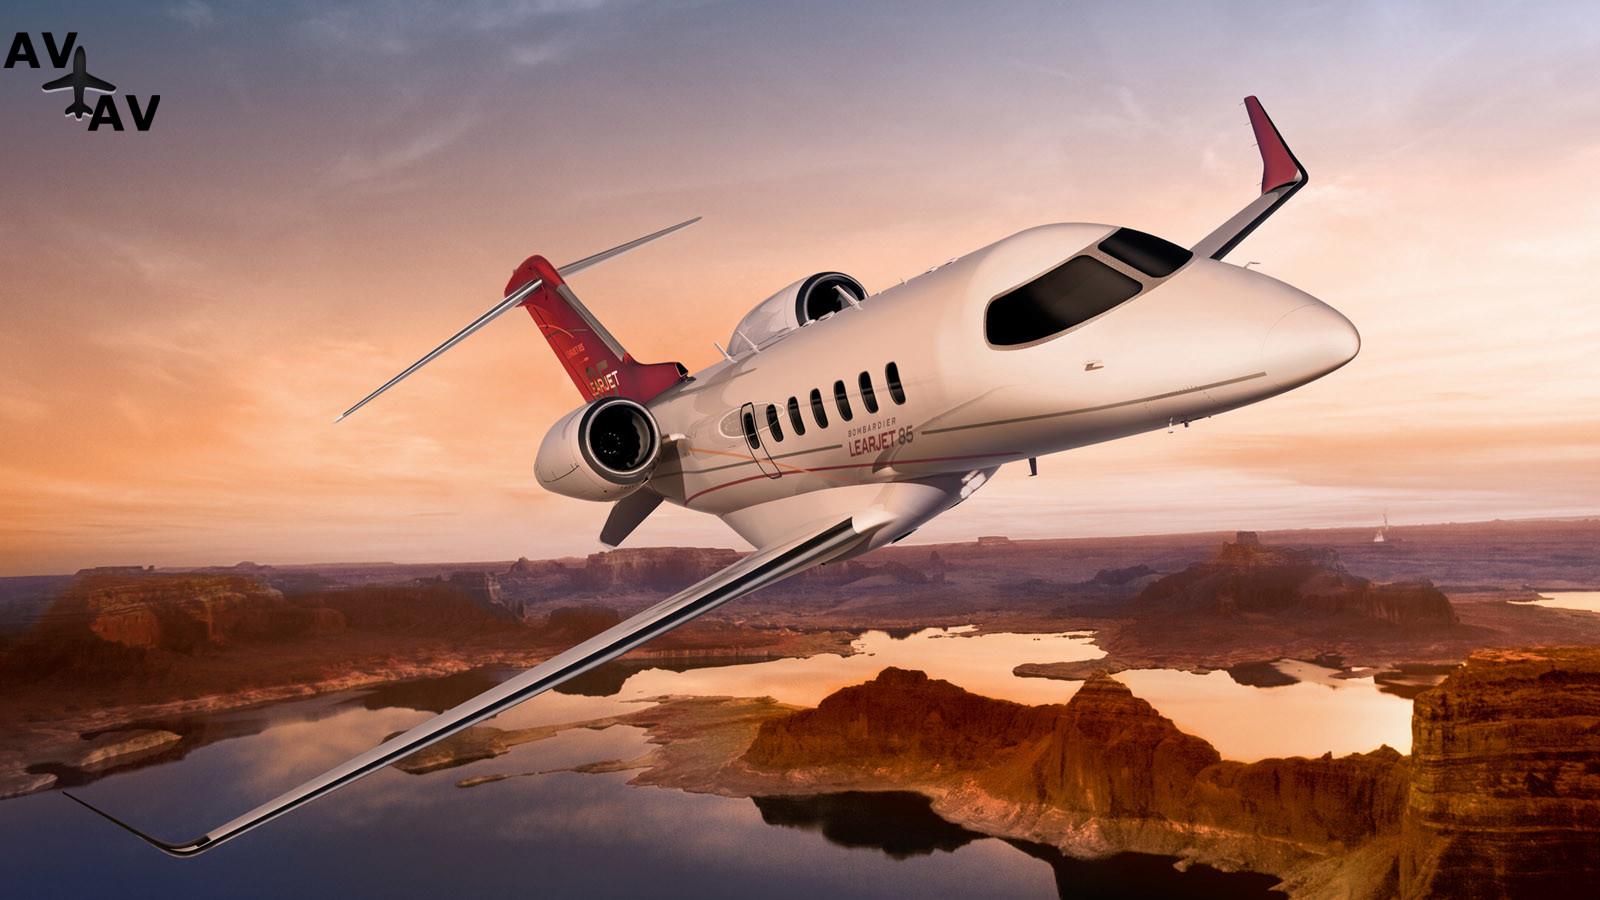 main - Для чего знаменитости приобретают самолеты